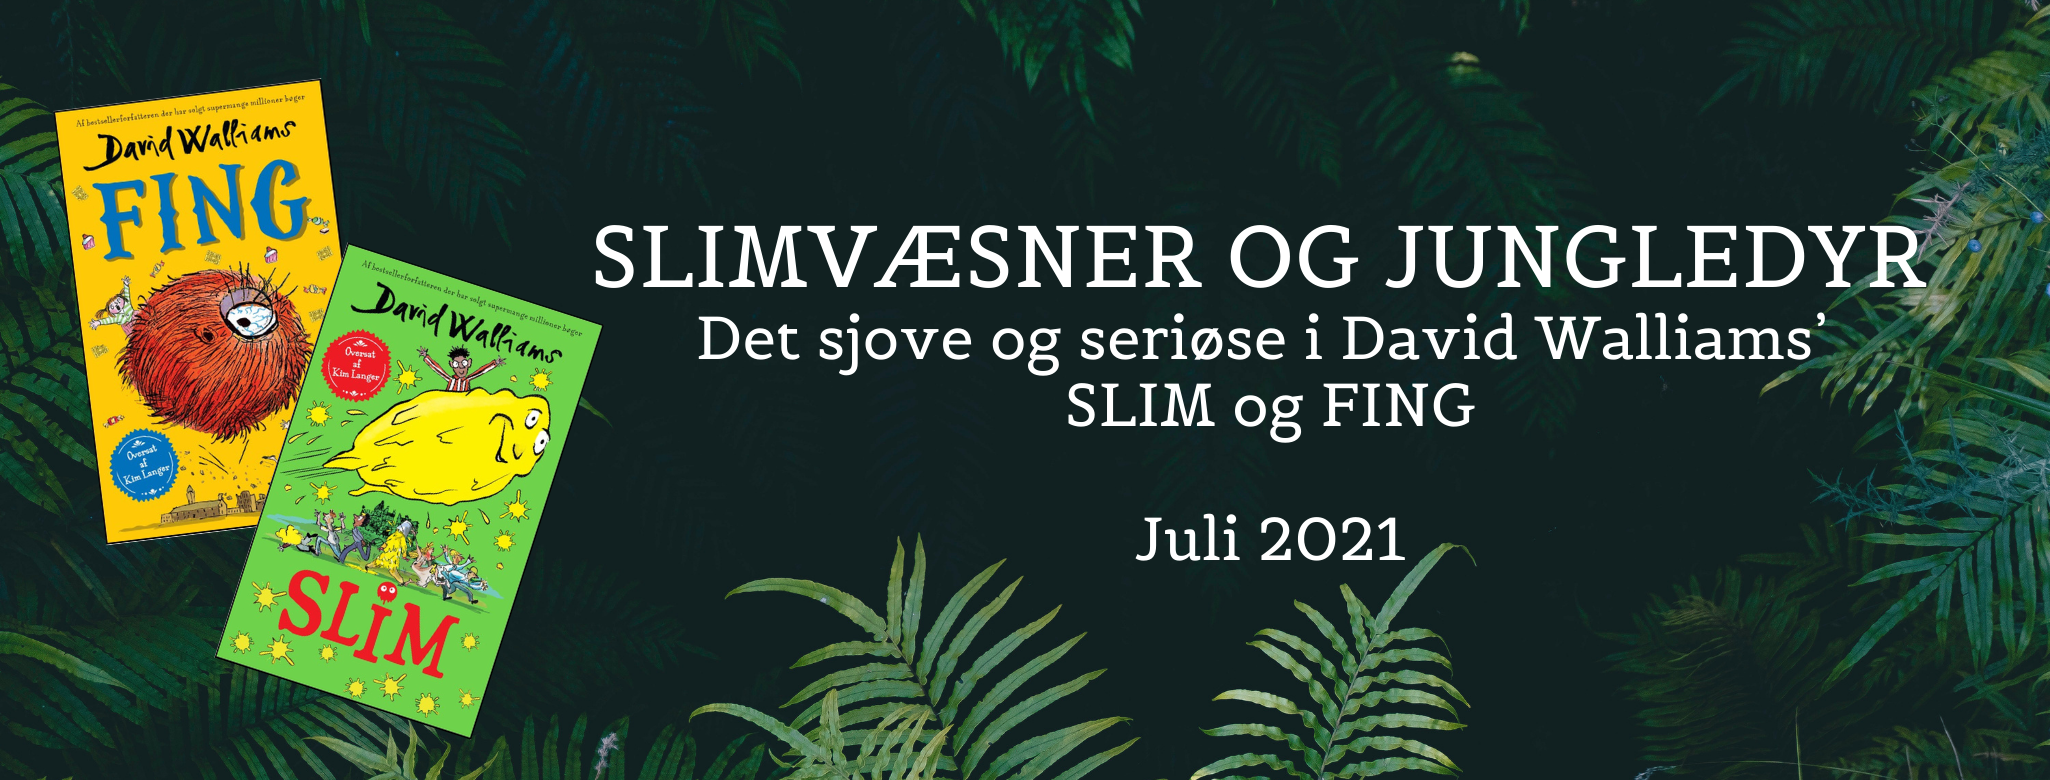 Slim og Fing banner